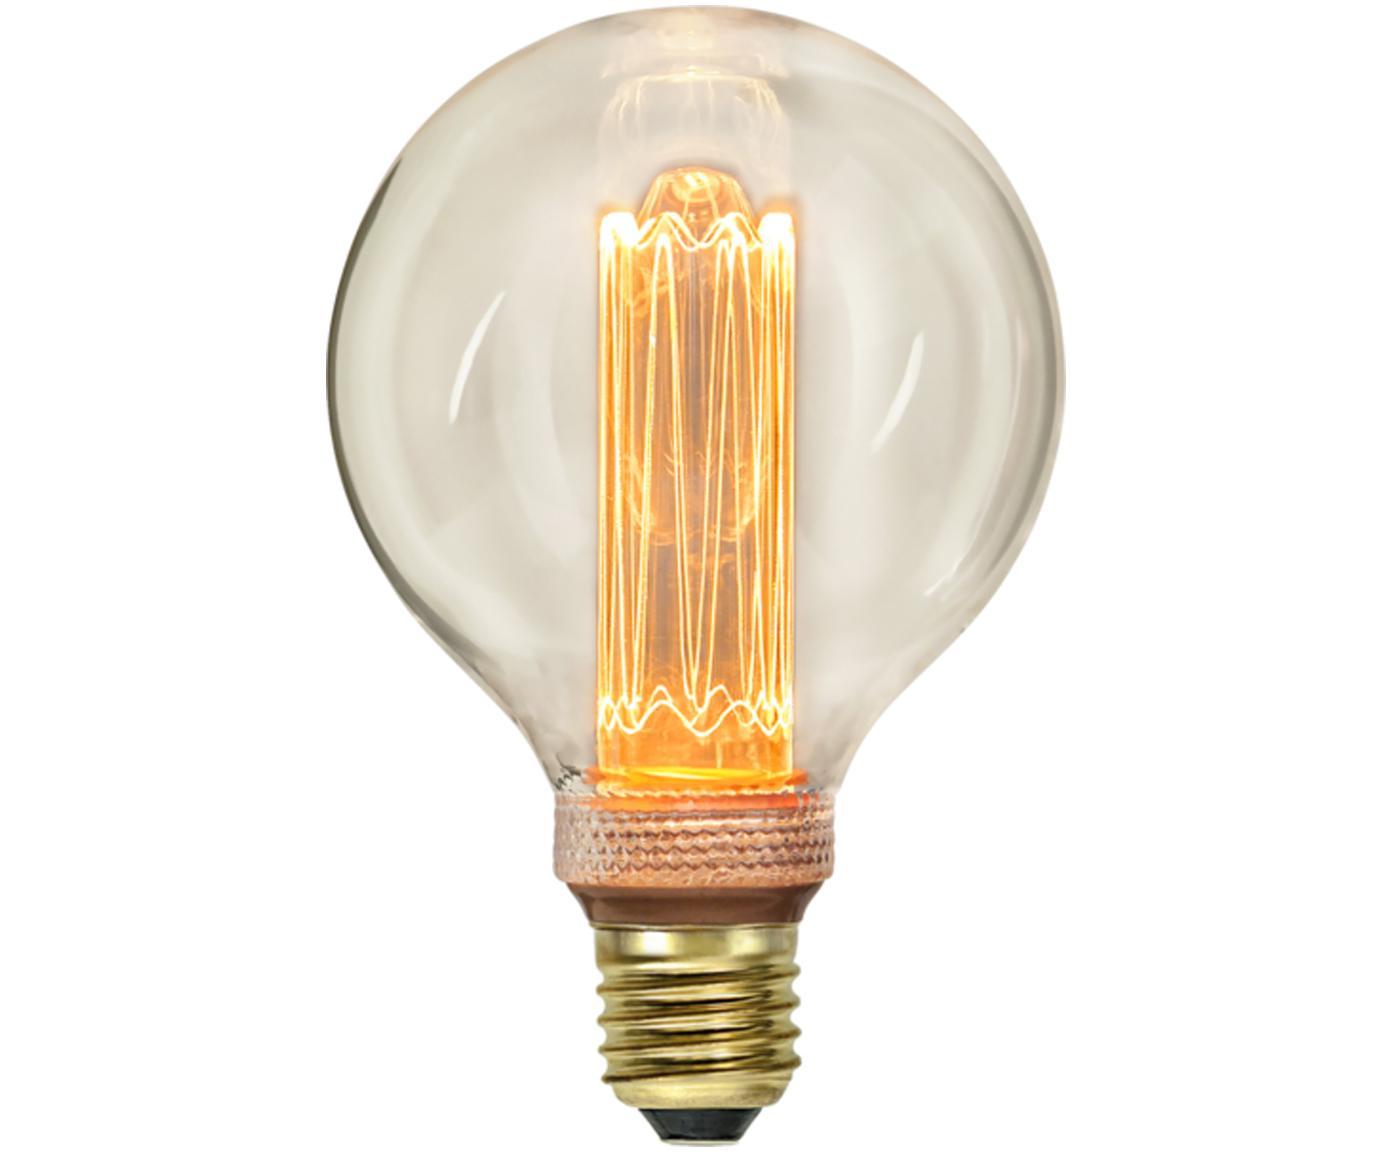 Bombilla LED grande regulable New Generation (E27/2,5W), Ampolla: vidrio, Casquillo: latón, Ámbar, Ø 10 x Al 15 cm